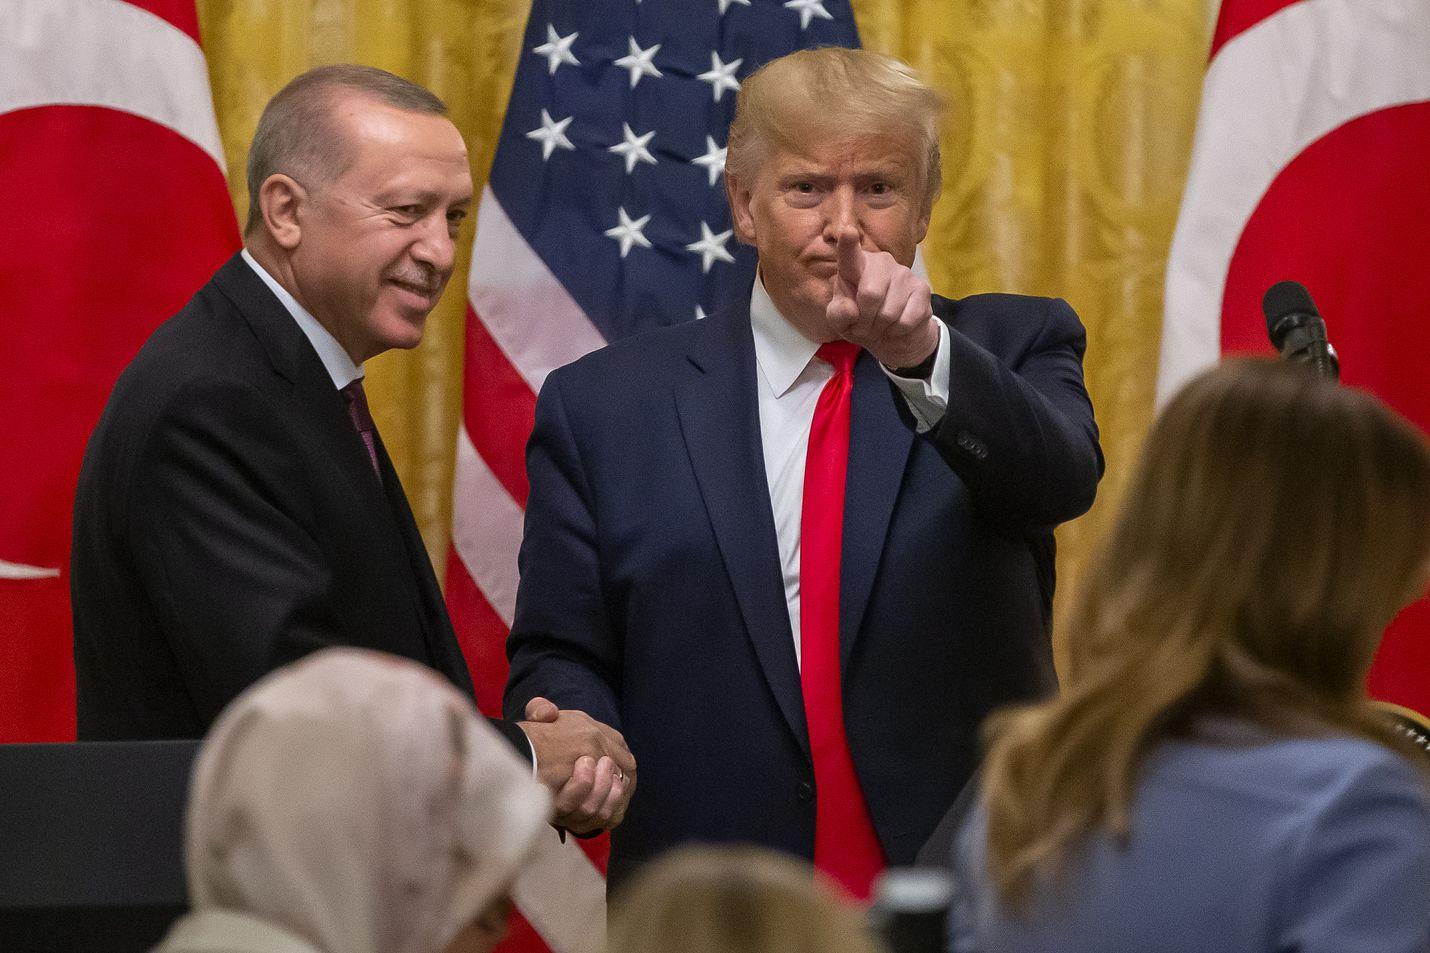 Turkin presidentti Recep Tayyip Erdogan ja Yhdysvaltojen presidentti Donald Trump tapasivat keskiviikkona Valkoisessa talossa.